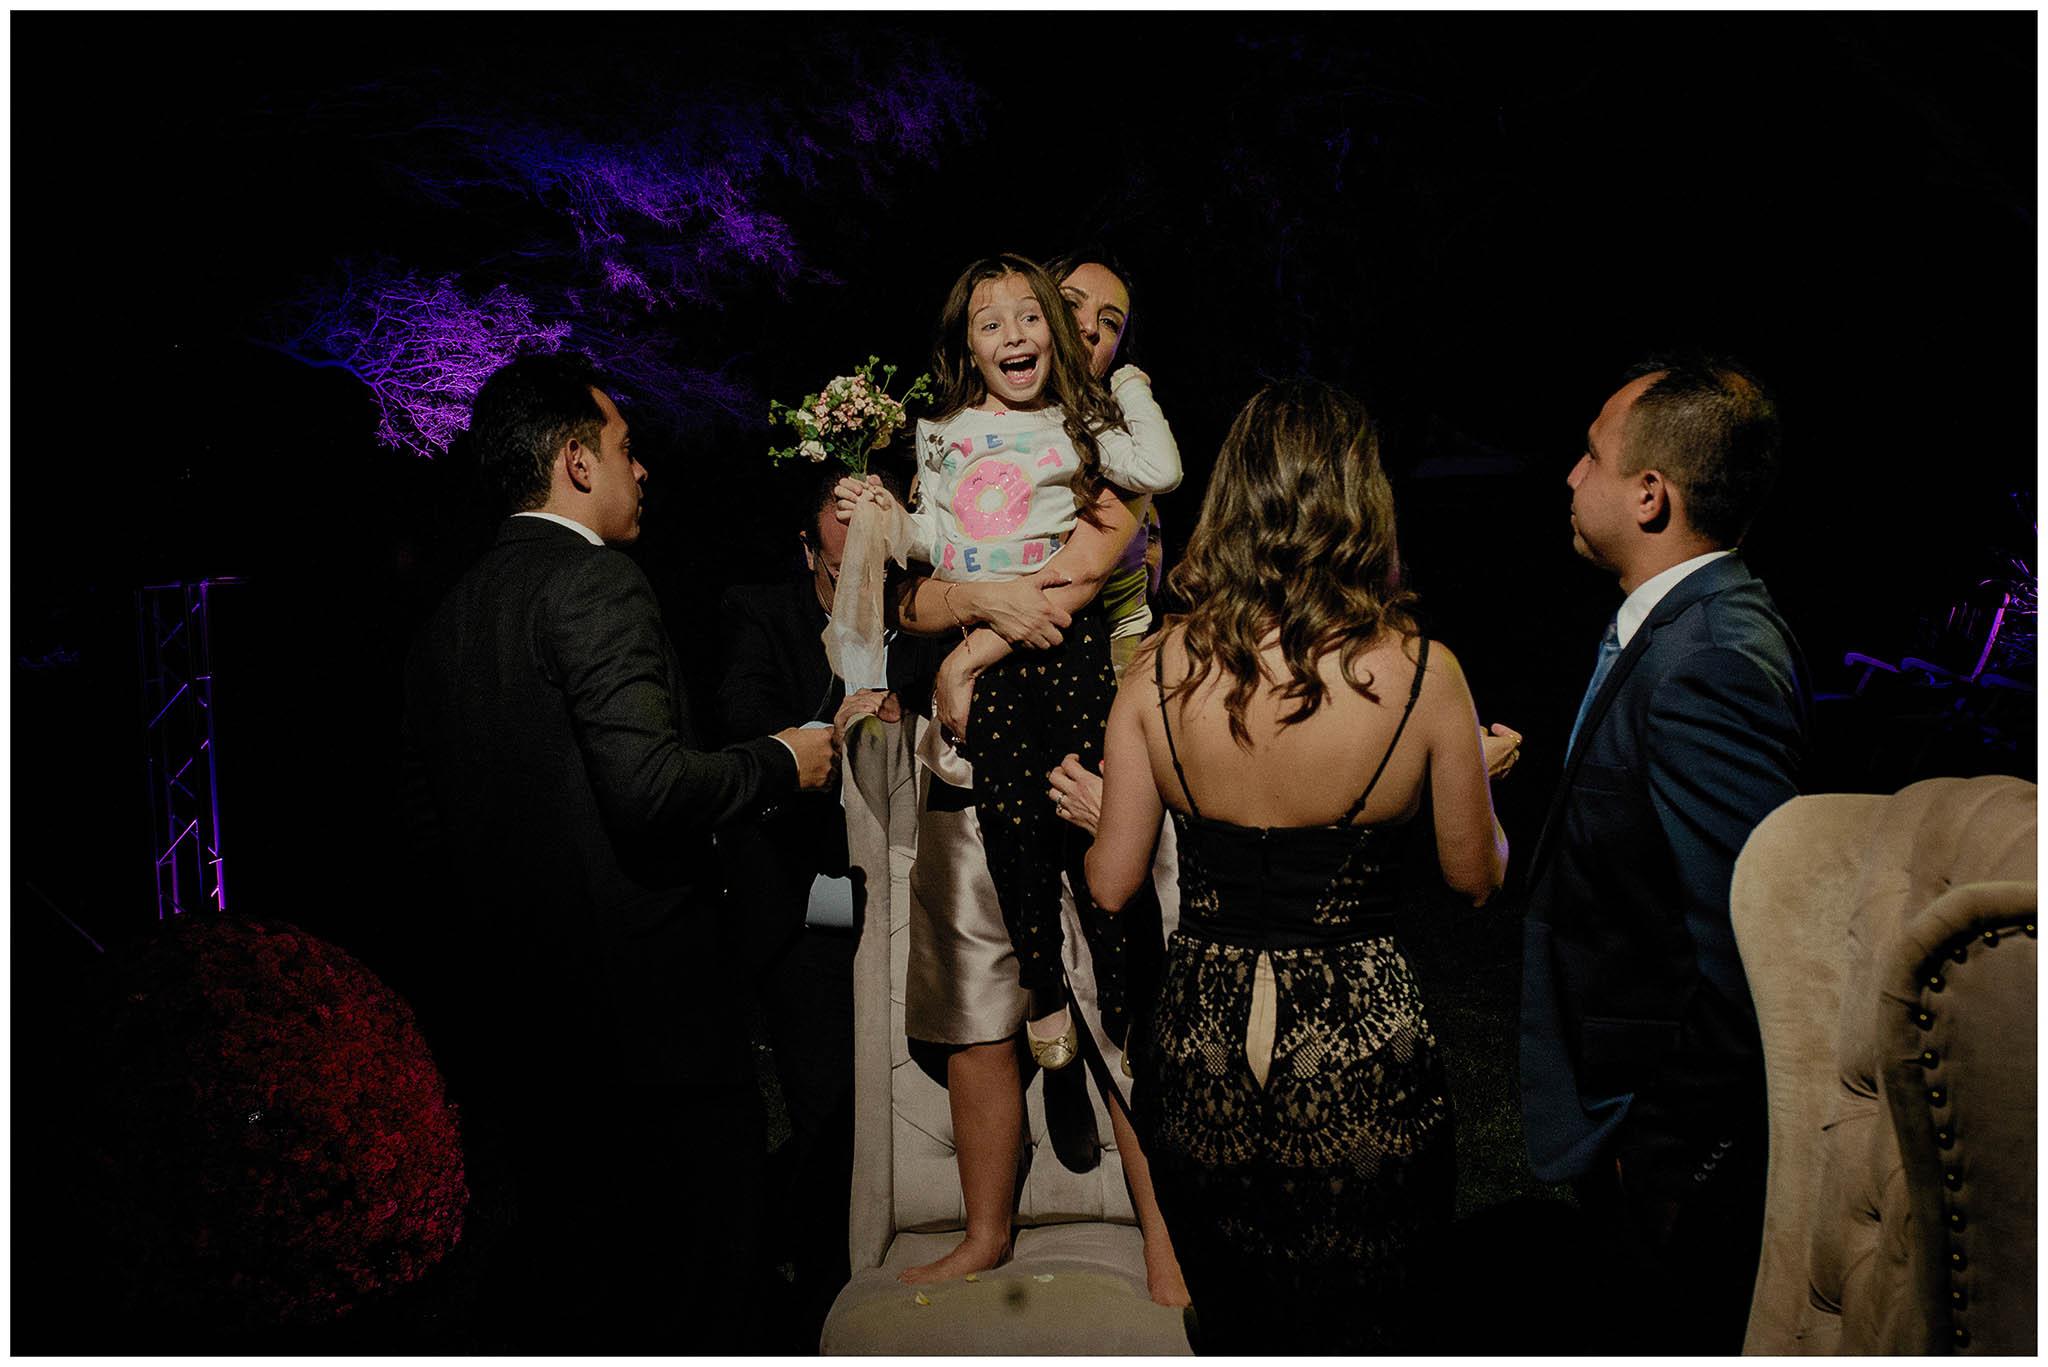 fotografo-bodas-viñedo-puerta-lobo-050.jpg